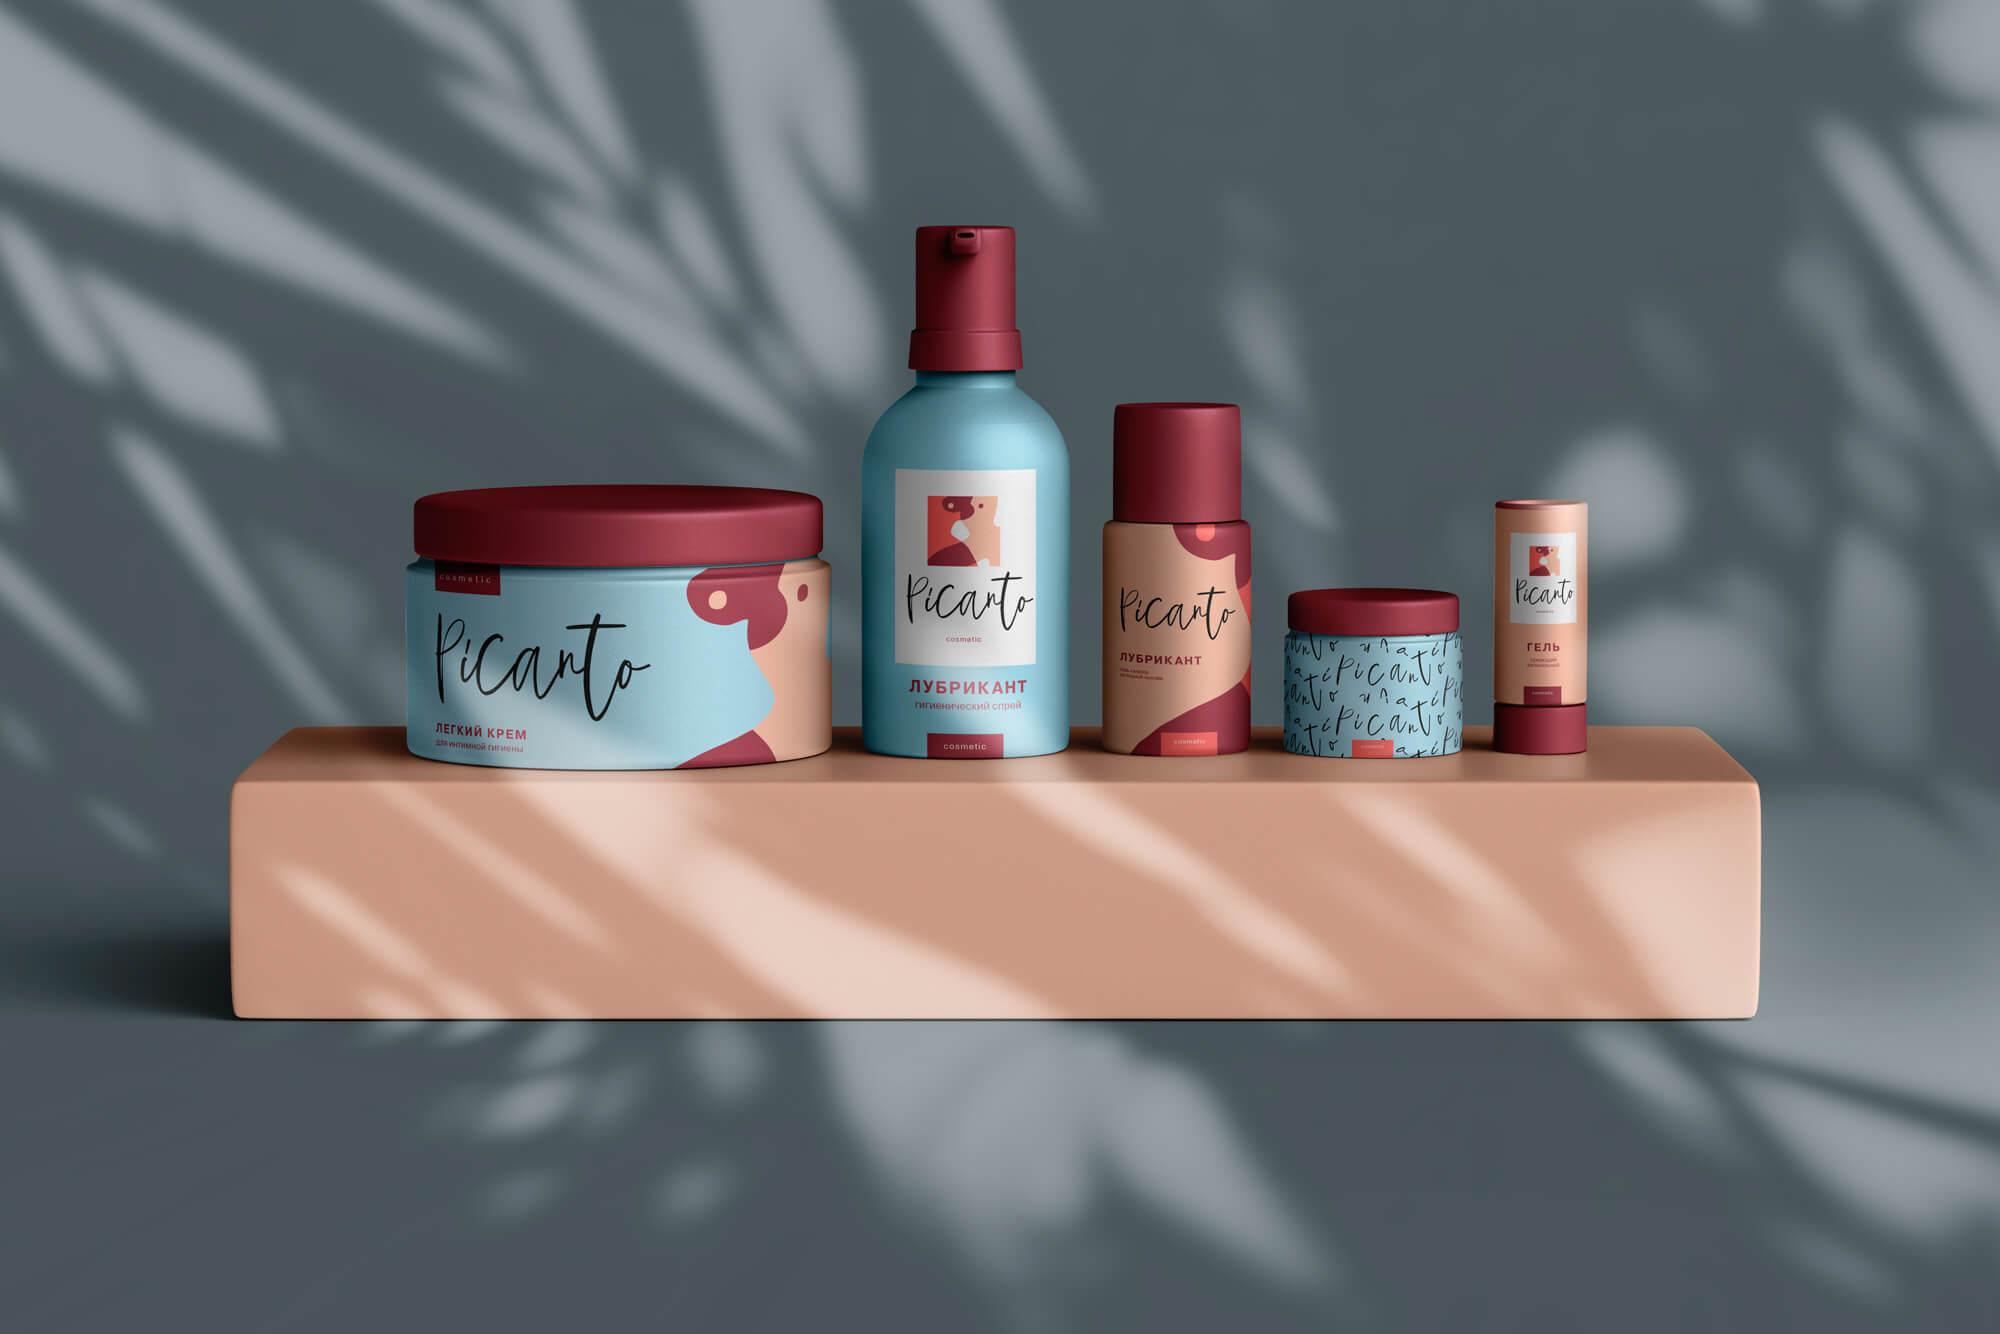 Фирменный стиль бренда Picanto - косметика